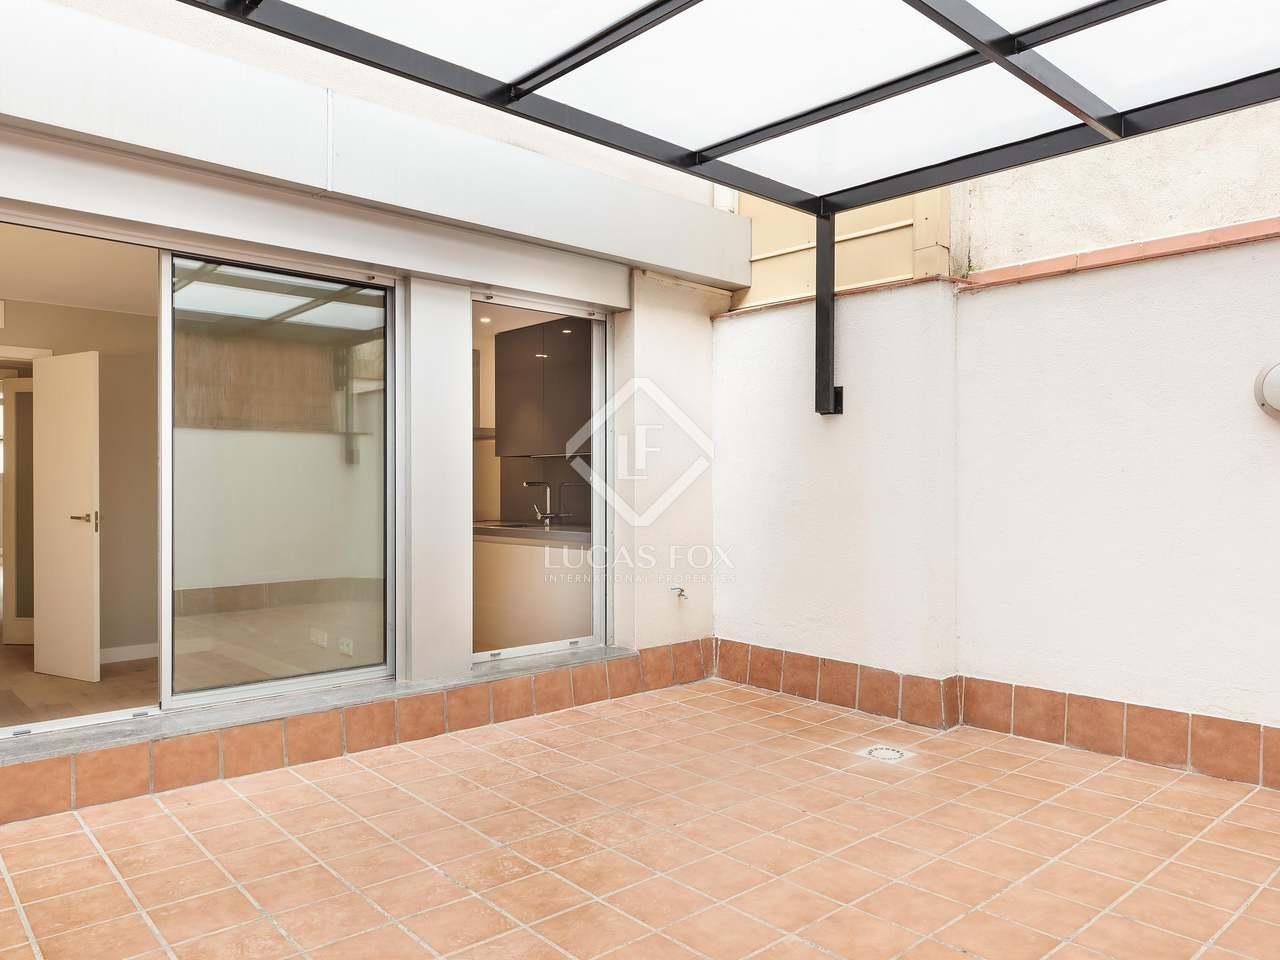 Piso de 115m con terraza de 23m en venta en poblenou for Pisos poblenou